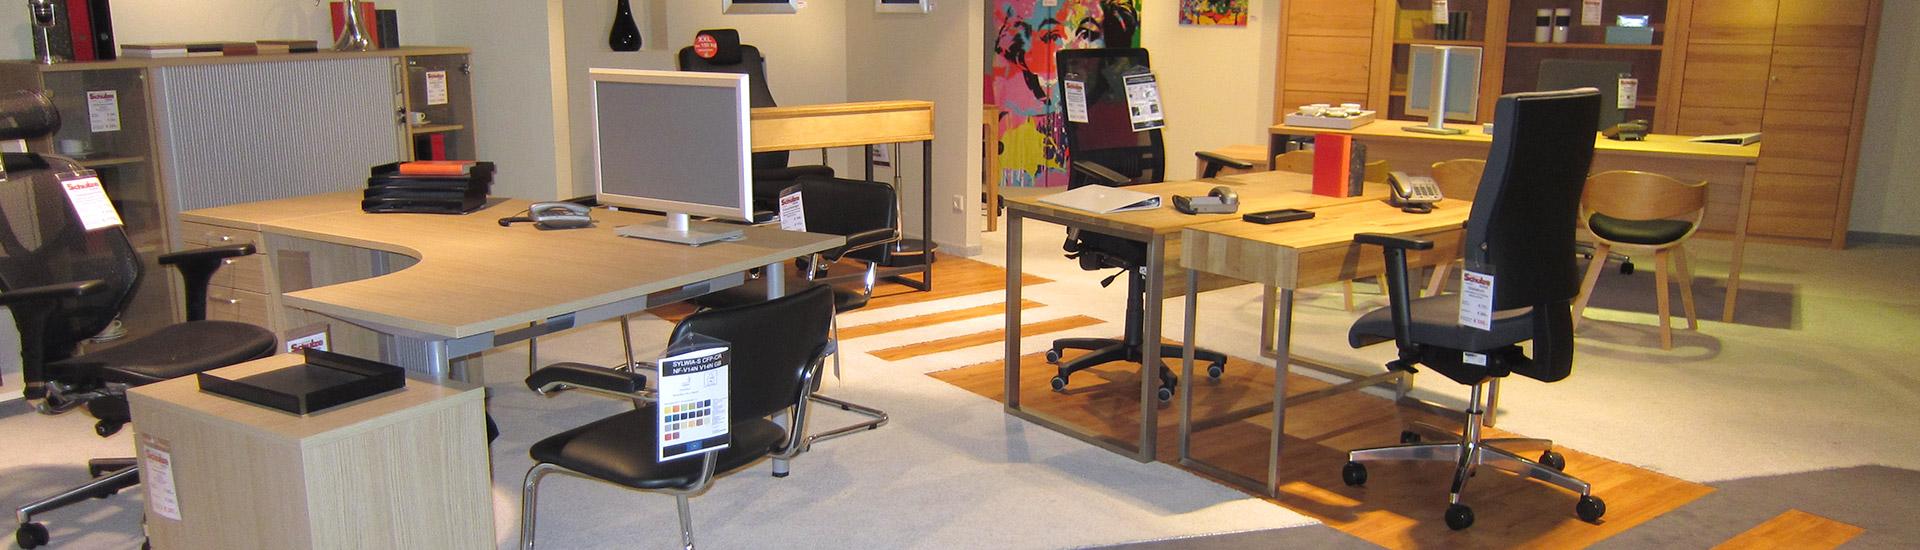 Büroausstattung - Büromöbel - Einrichtungshaus Schulze Ilmenau